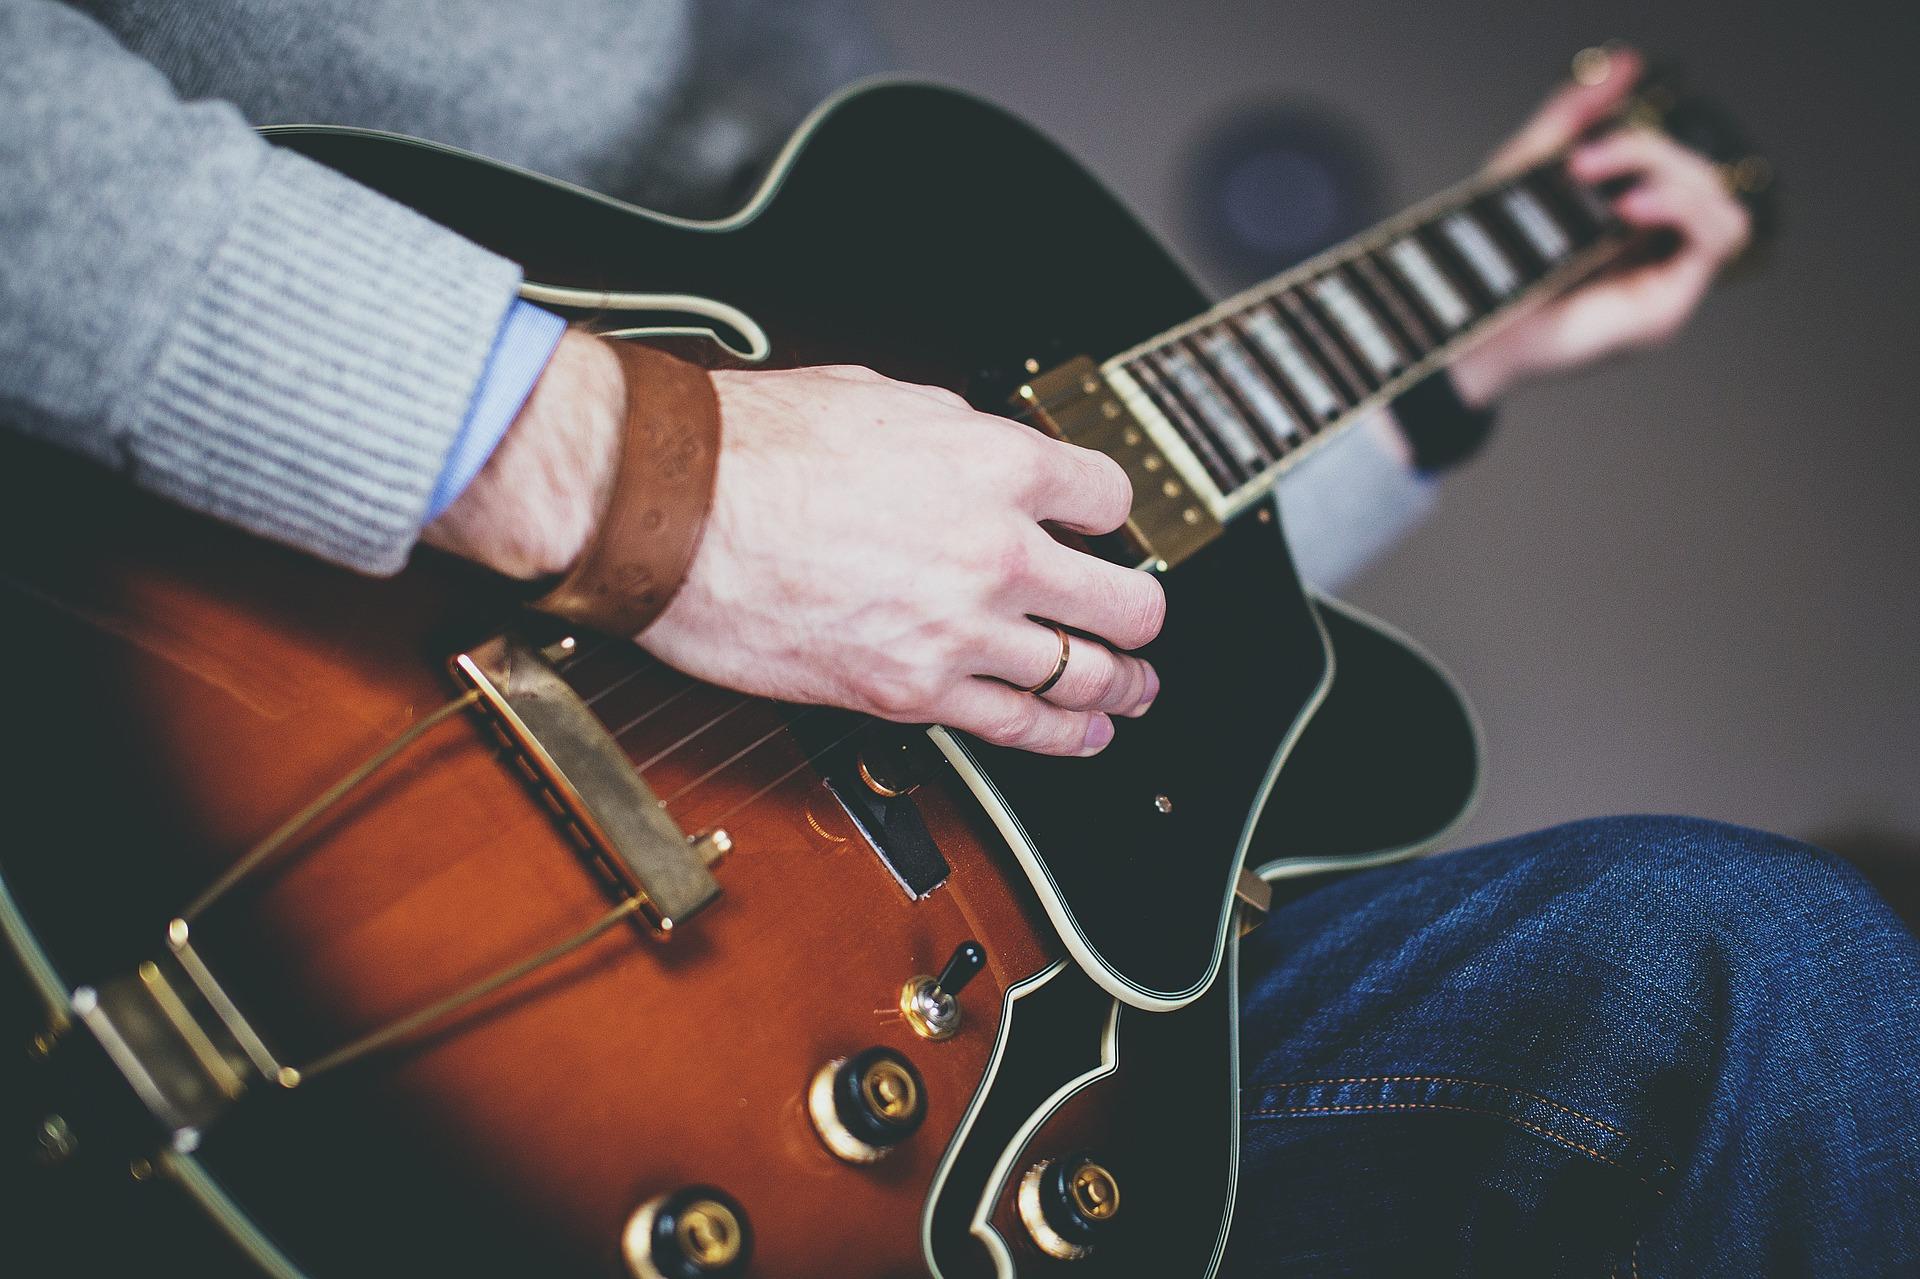 Gitaar kopen? De beste beginnersgitaren op een rijtje!